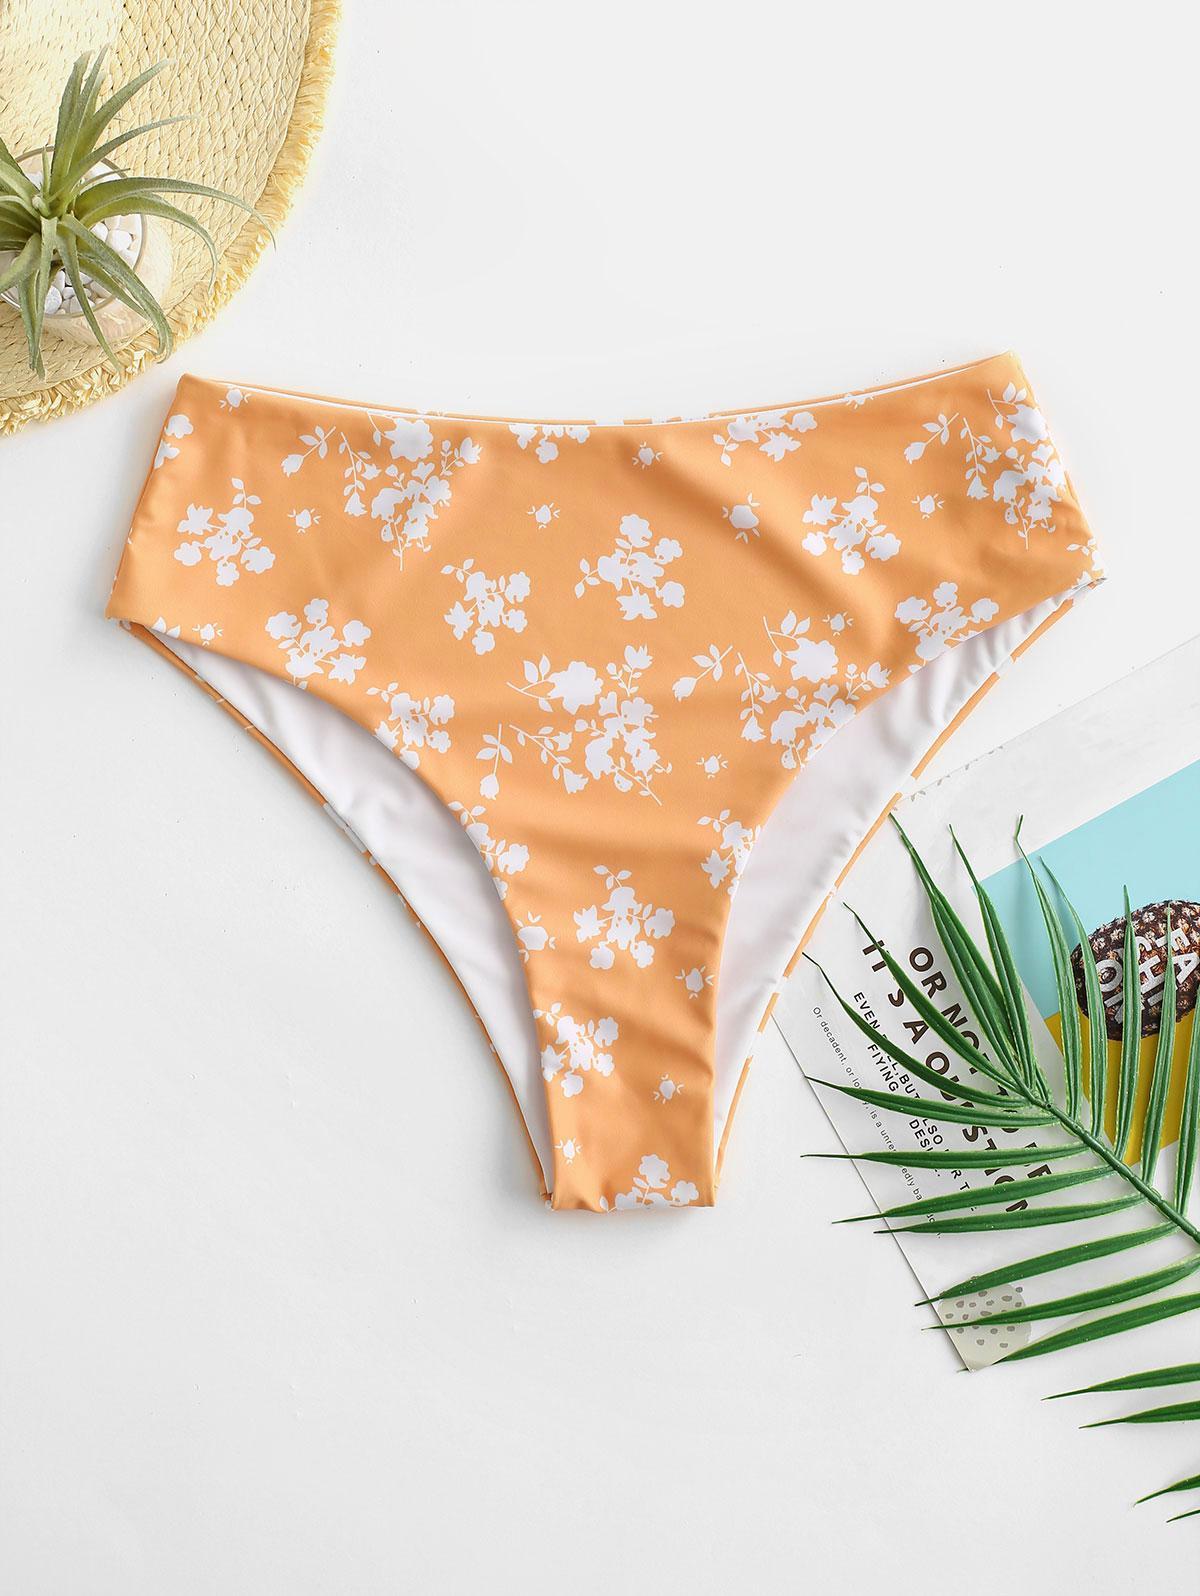 ZAFUL Ditsy Print High Waisted Bikini Bottom